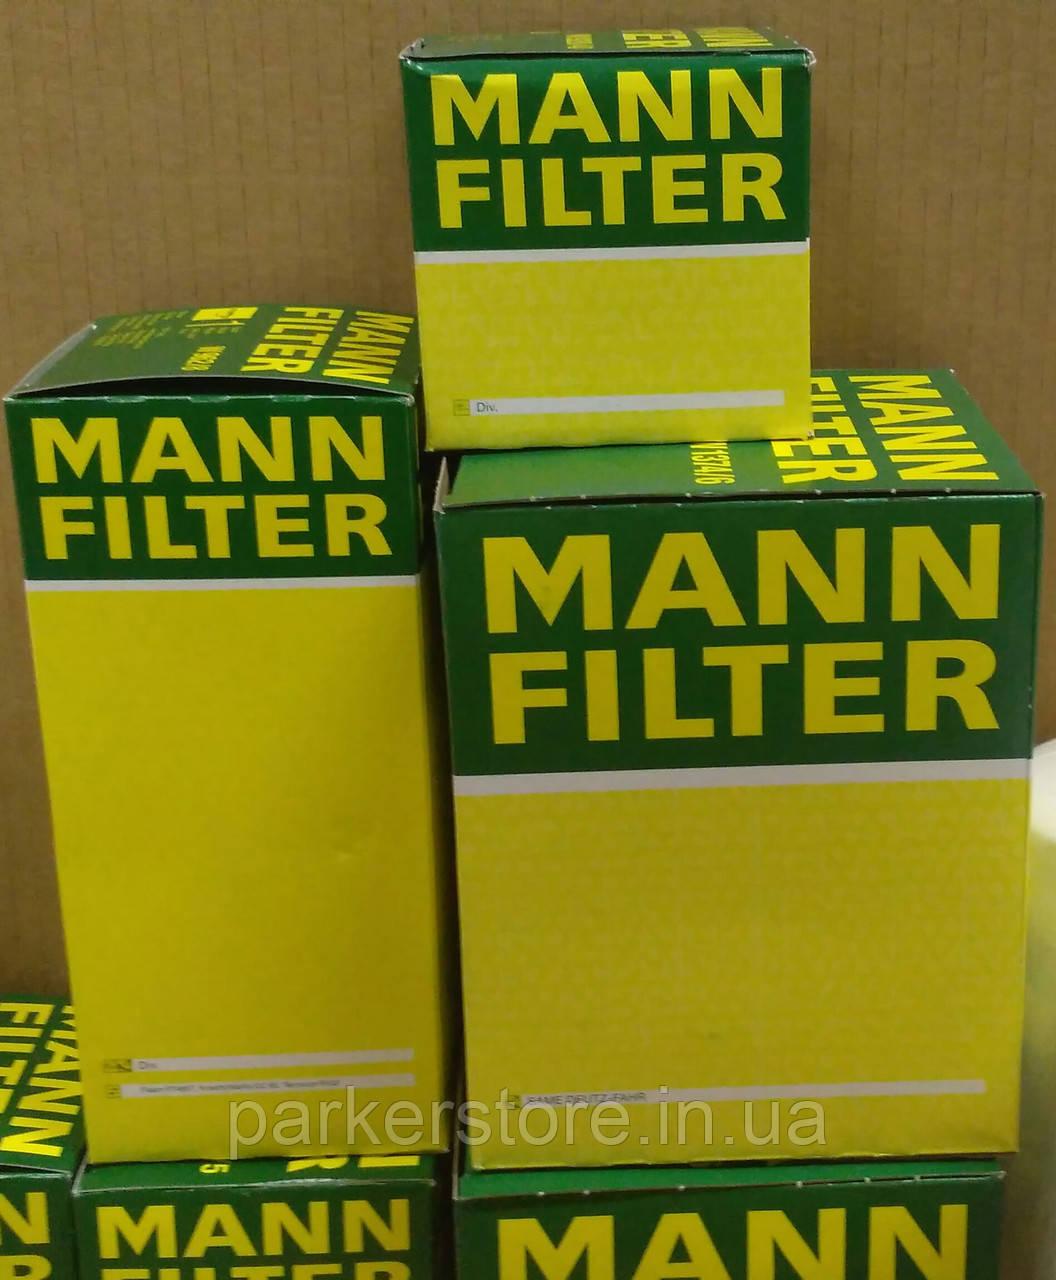 MANN FILTER / Воздушный фильтр / C 15 250 / C15250